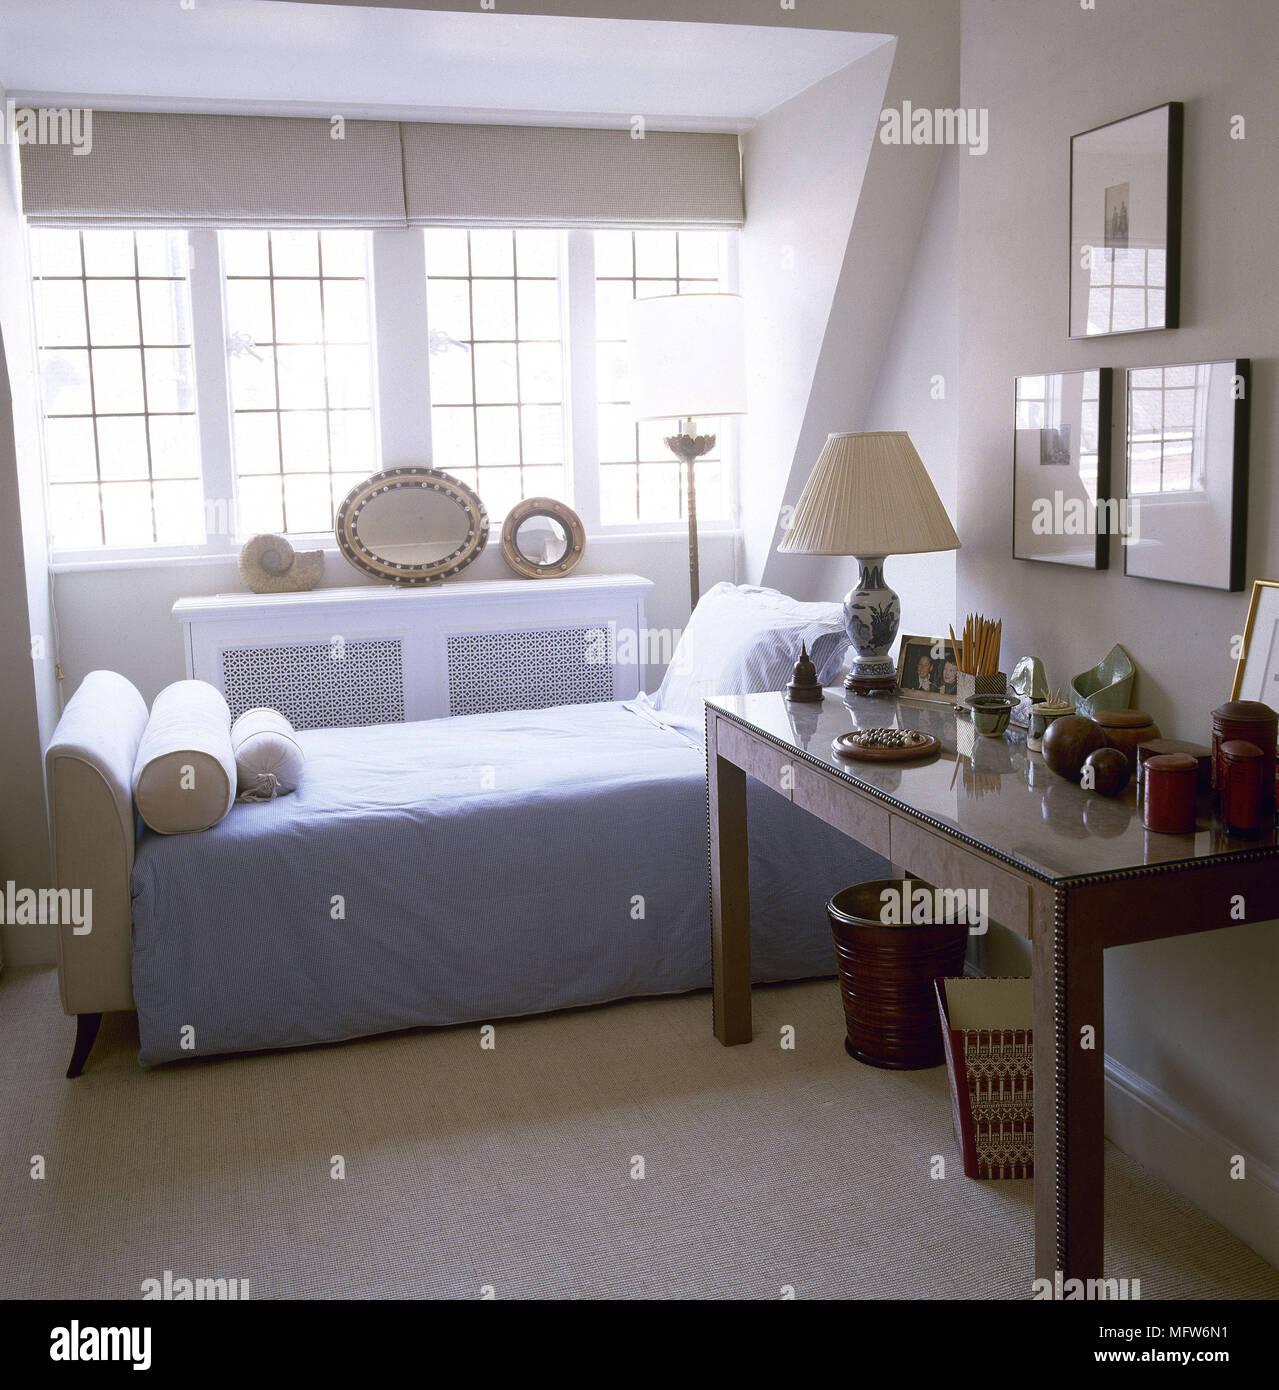 Letto imbottito e toeletta e finestra con tenda a pacchetto in camera da letto foto immagine - Tenda per camera da letto ...